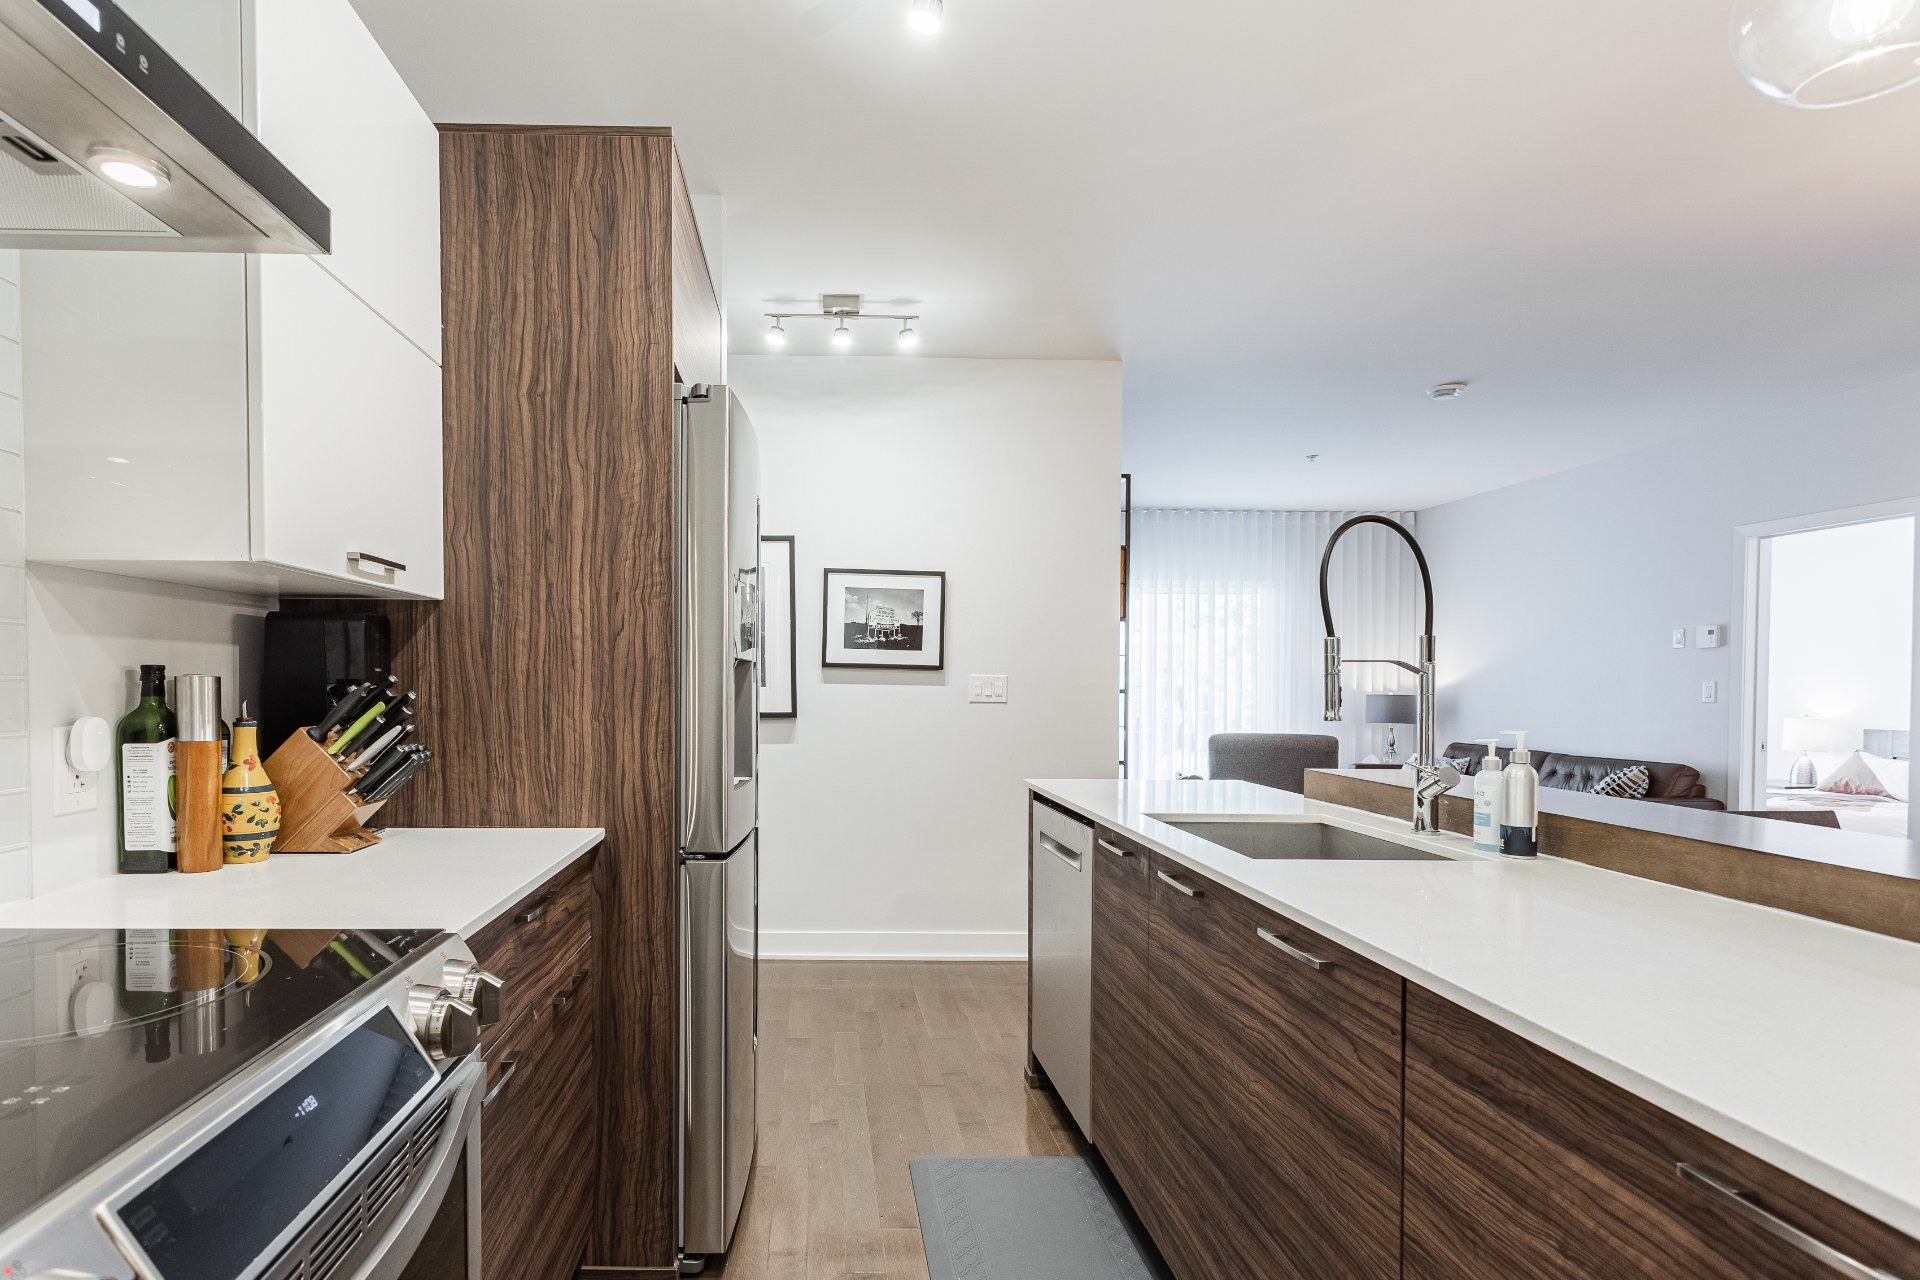 image 9 - Appartement À louer Rosemont/La Petite-Patrie Montréal  - 8 pièces